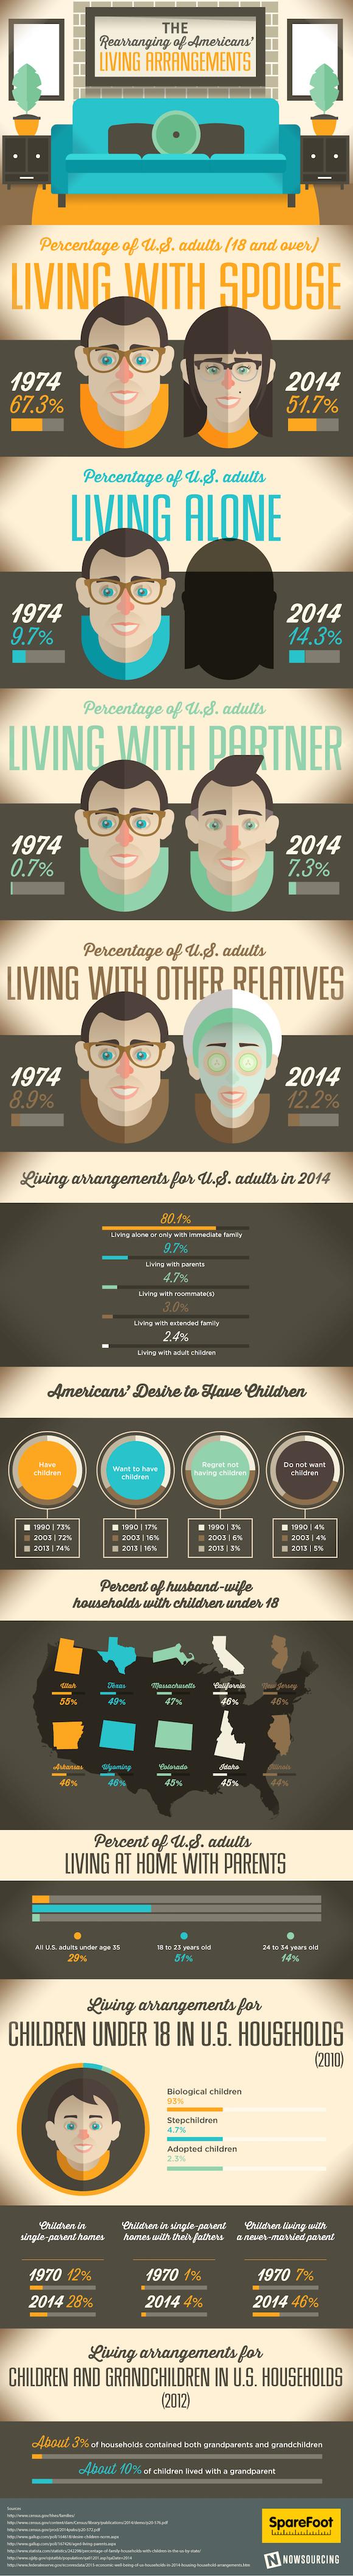 The Rearrangement of American's Living Arrangements